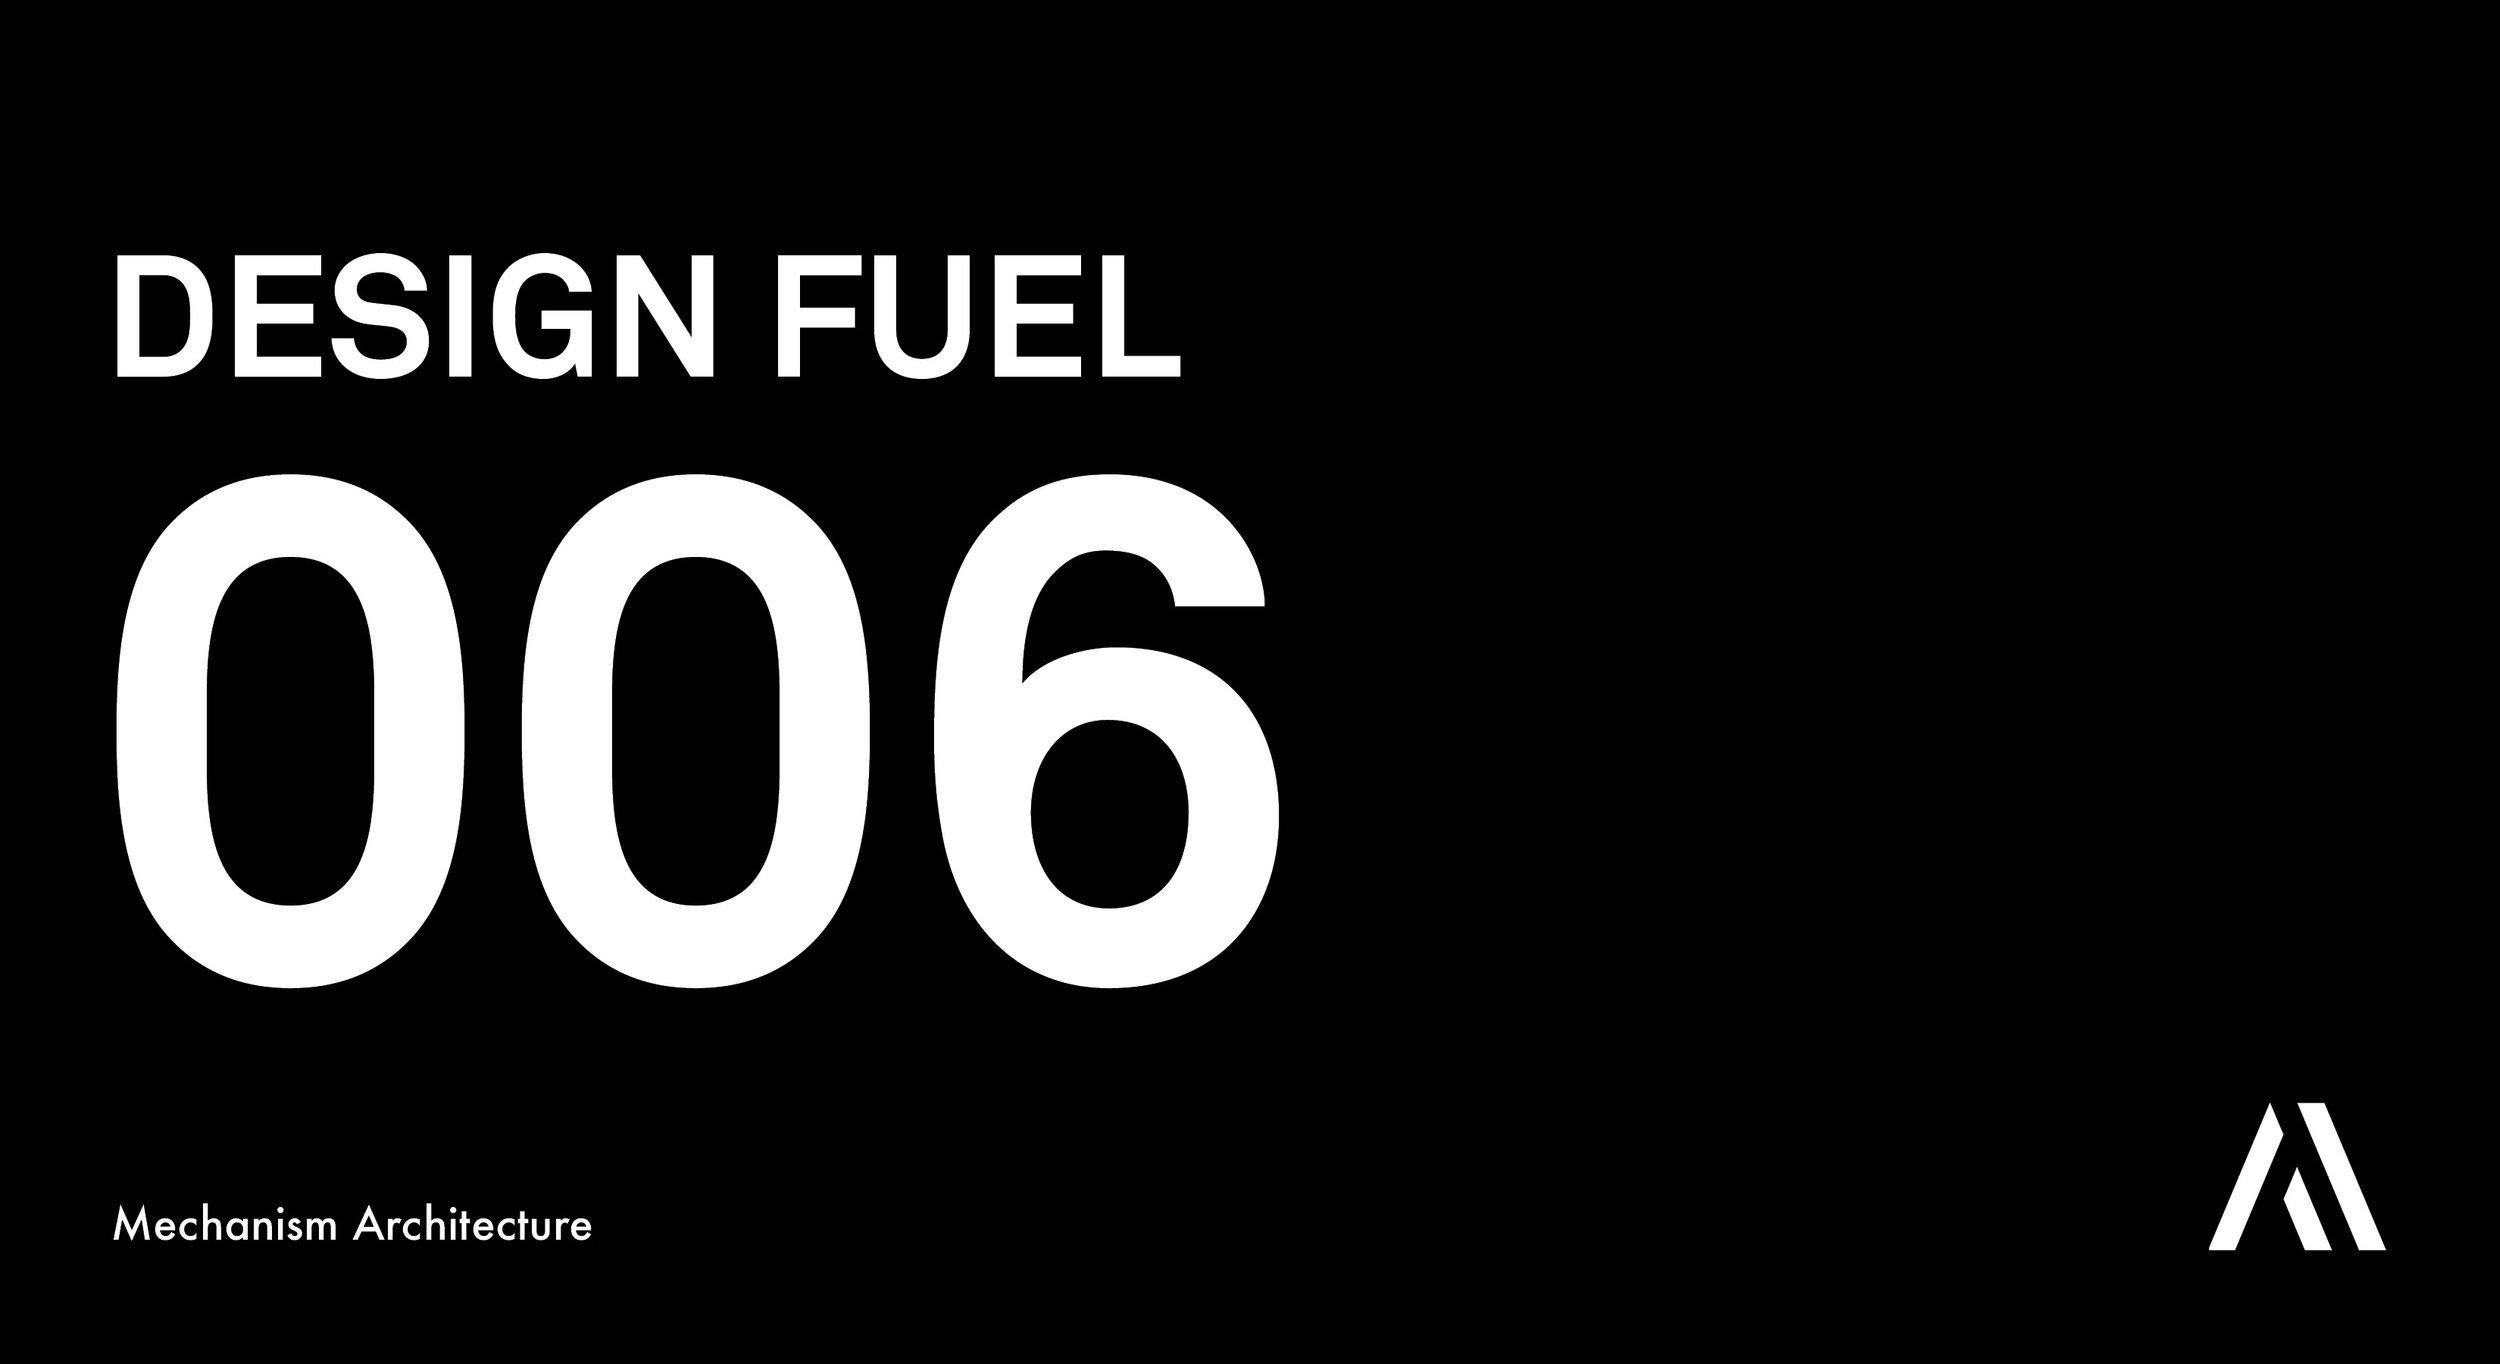 Design Fuel TItle slide 006.jpg